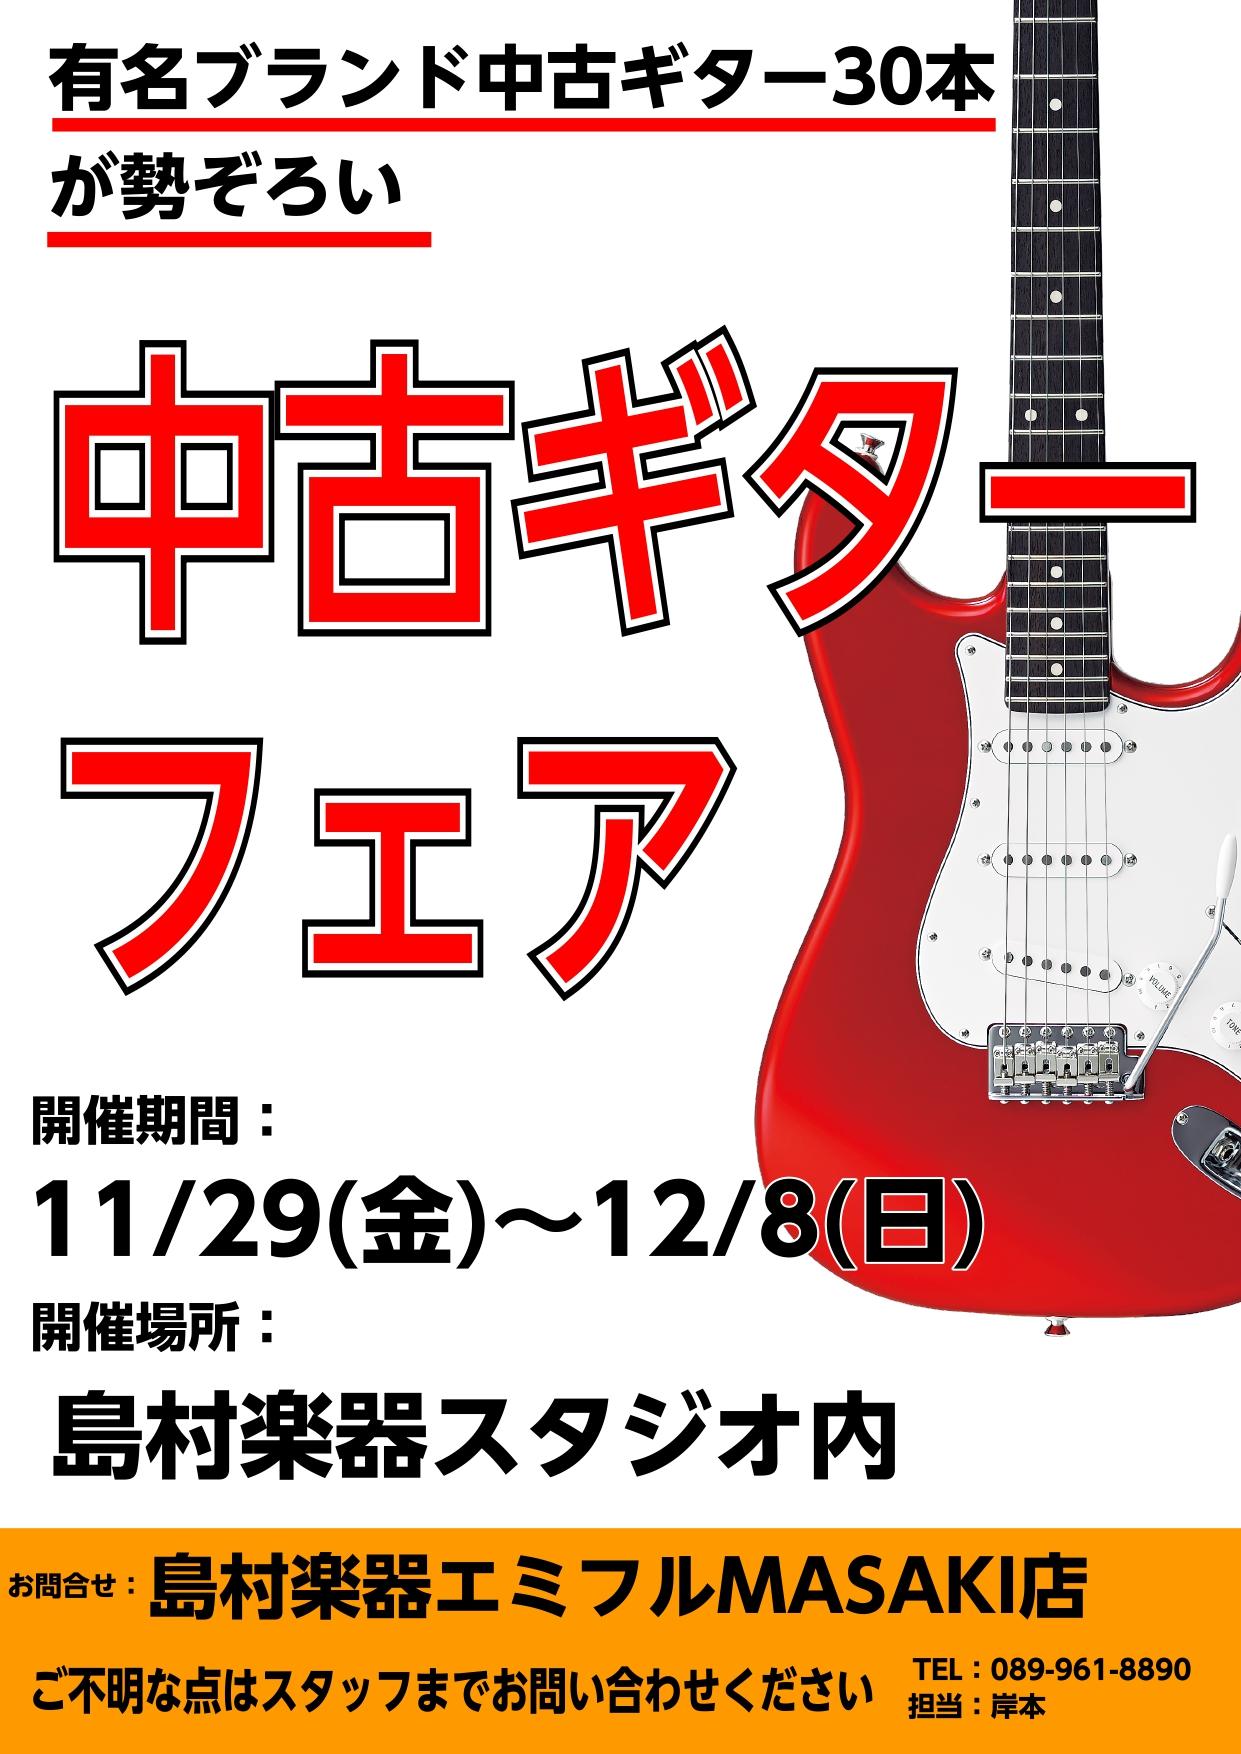 中古ギターフェア開催決定